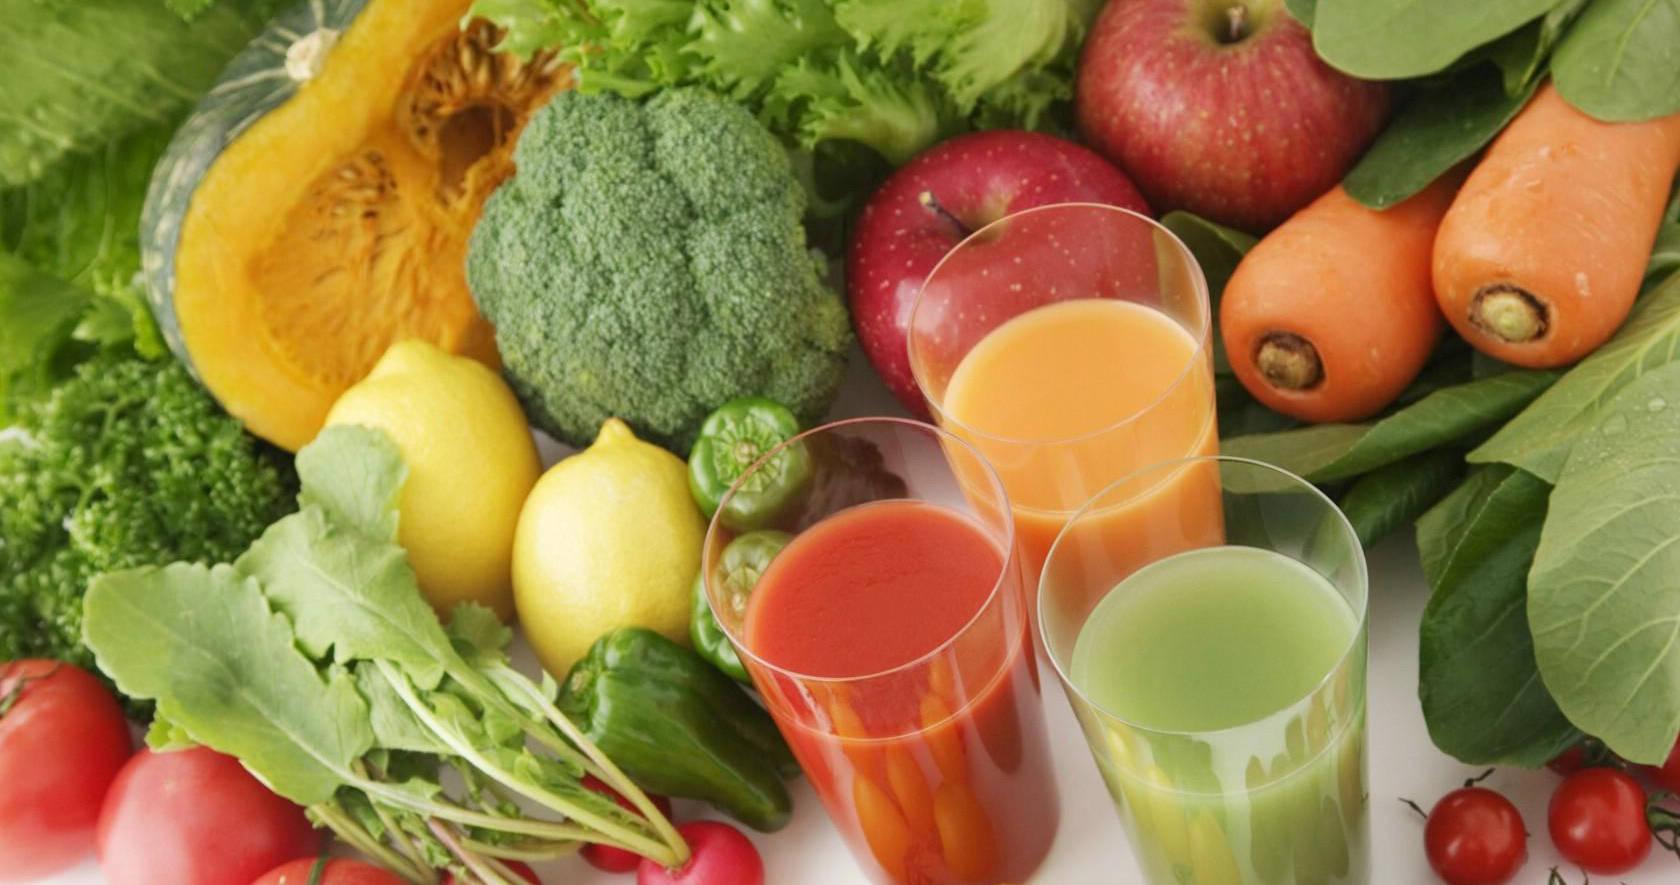 2020年食品安全和健康十大热点发布!新冠疫情、酸汤子、毒蘑菇备受关注